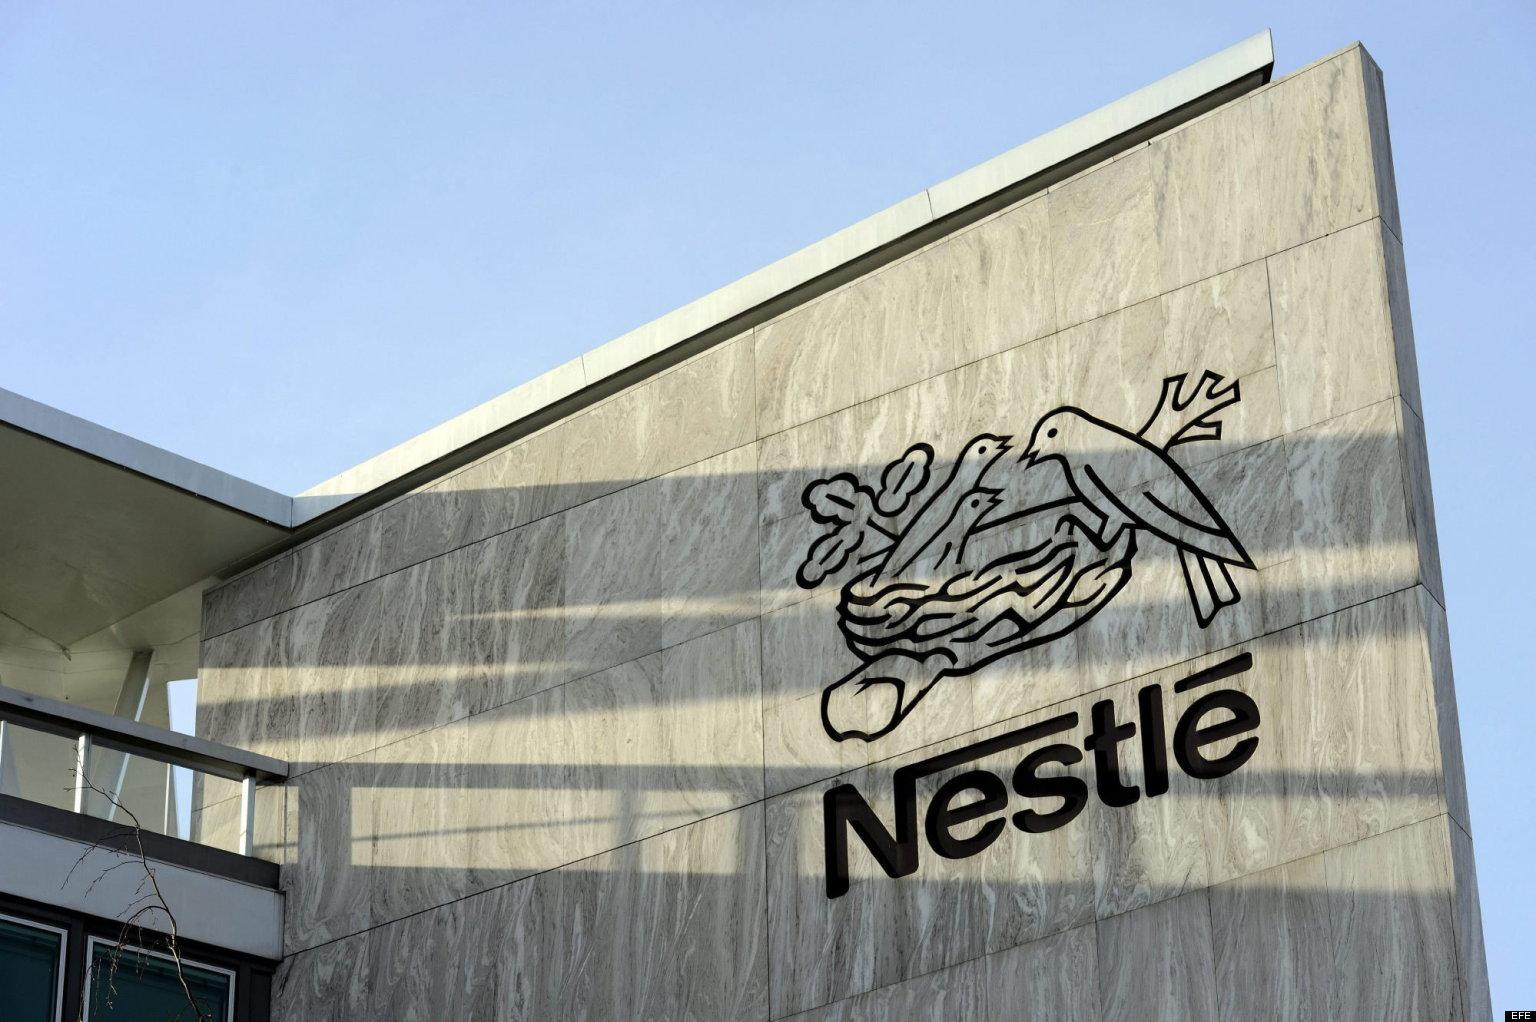 LAU215 VEVEY (SUIZA) 19/02/2013.- Imagen de archivo distribuida hoy martes 19 de febrero de 2013 que muestra el logotipo de la multinacional suiza Nestlé en la sede de la compañía en Vevey, Suiza, el 14 de febrero de 2013. Nestlé ha retirado productos de pasta con carne de vacuno en España e Italia, tras desvelarse que contienen trazas de ADN de caballo superiores al uno por ciento, informó la compañía. En un comunicado divulgado en las últimas horas, Nestlé explica que ha decidido la suspensión de la distribución de todos los productos elaborados de vacuno suministrados por la empresa alemana H.J. Schypke, un subcontratista de su proveedor JBS Toledo N.V. Los productos retirados de la venta en España e Italia son los ravioli y tortellini de carne Buitoni. También se ha retirado una lasaña a la boloñesa producida en Francia para negocios de catering. EFE/Laurent Gillieron